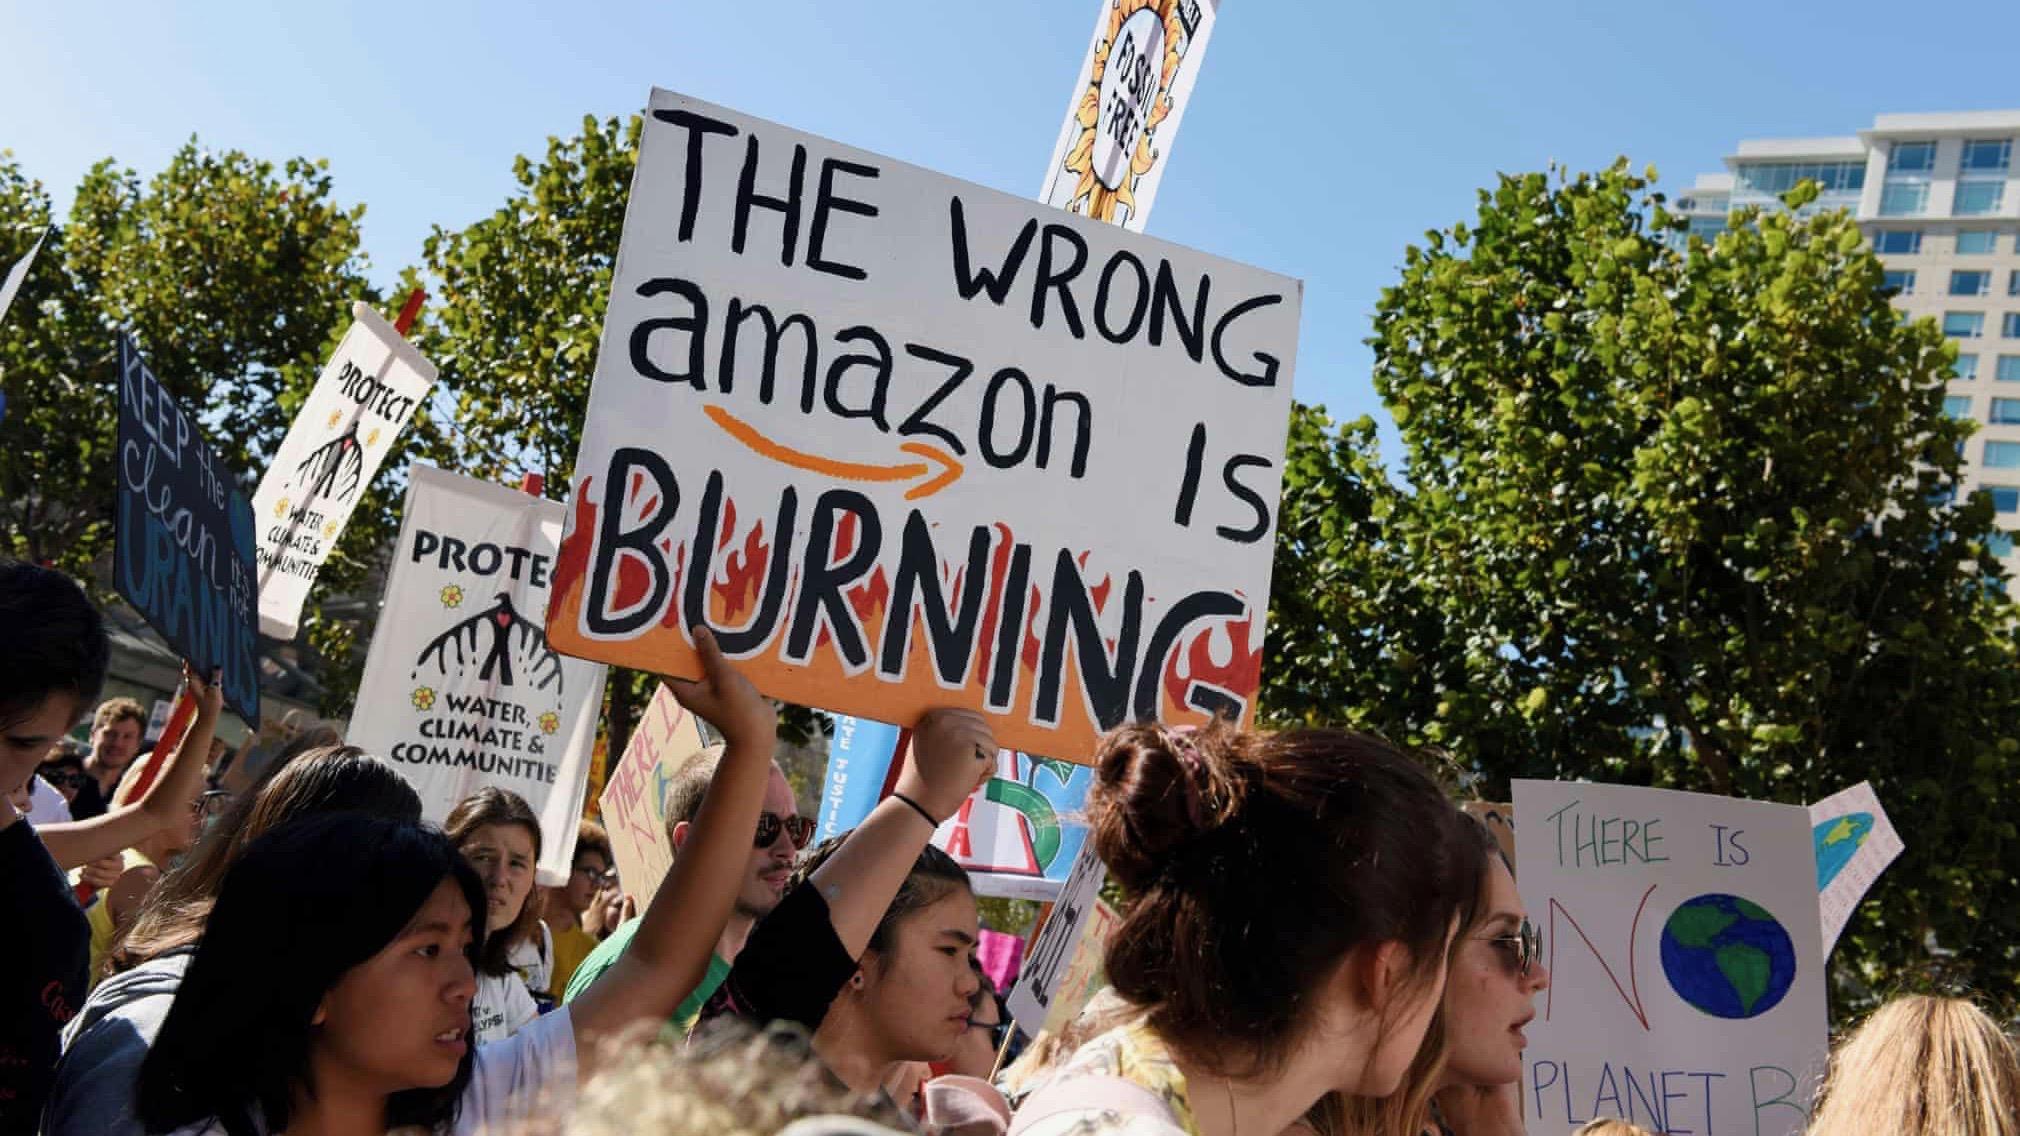 wrong amazon is burning